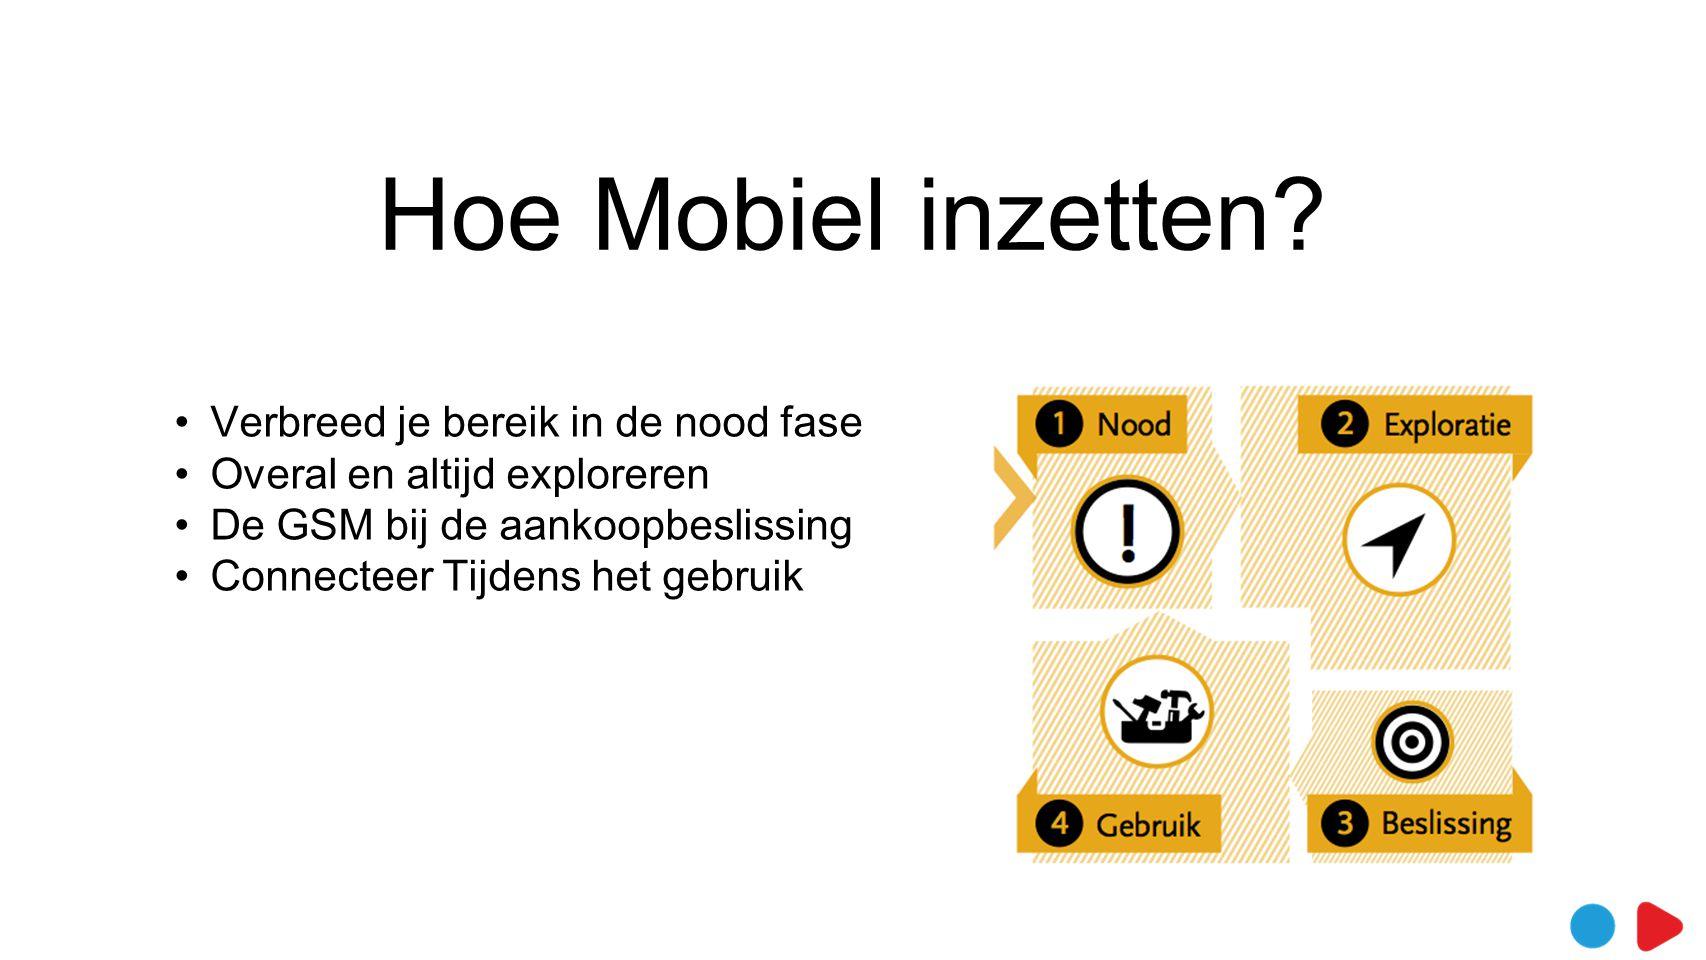 Hoe Mobiel inzetten? •Verbreed je bereik in de nood fase •Overal en altijd exploreren •De GSM bij de aankoopbeslissing •Connecteer Tijdens het gebruik